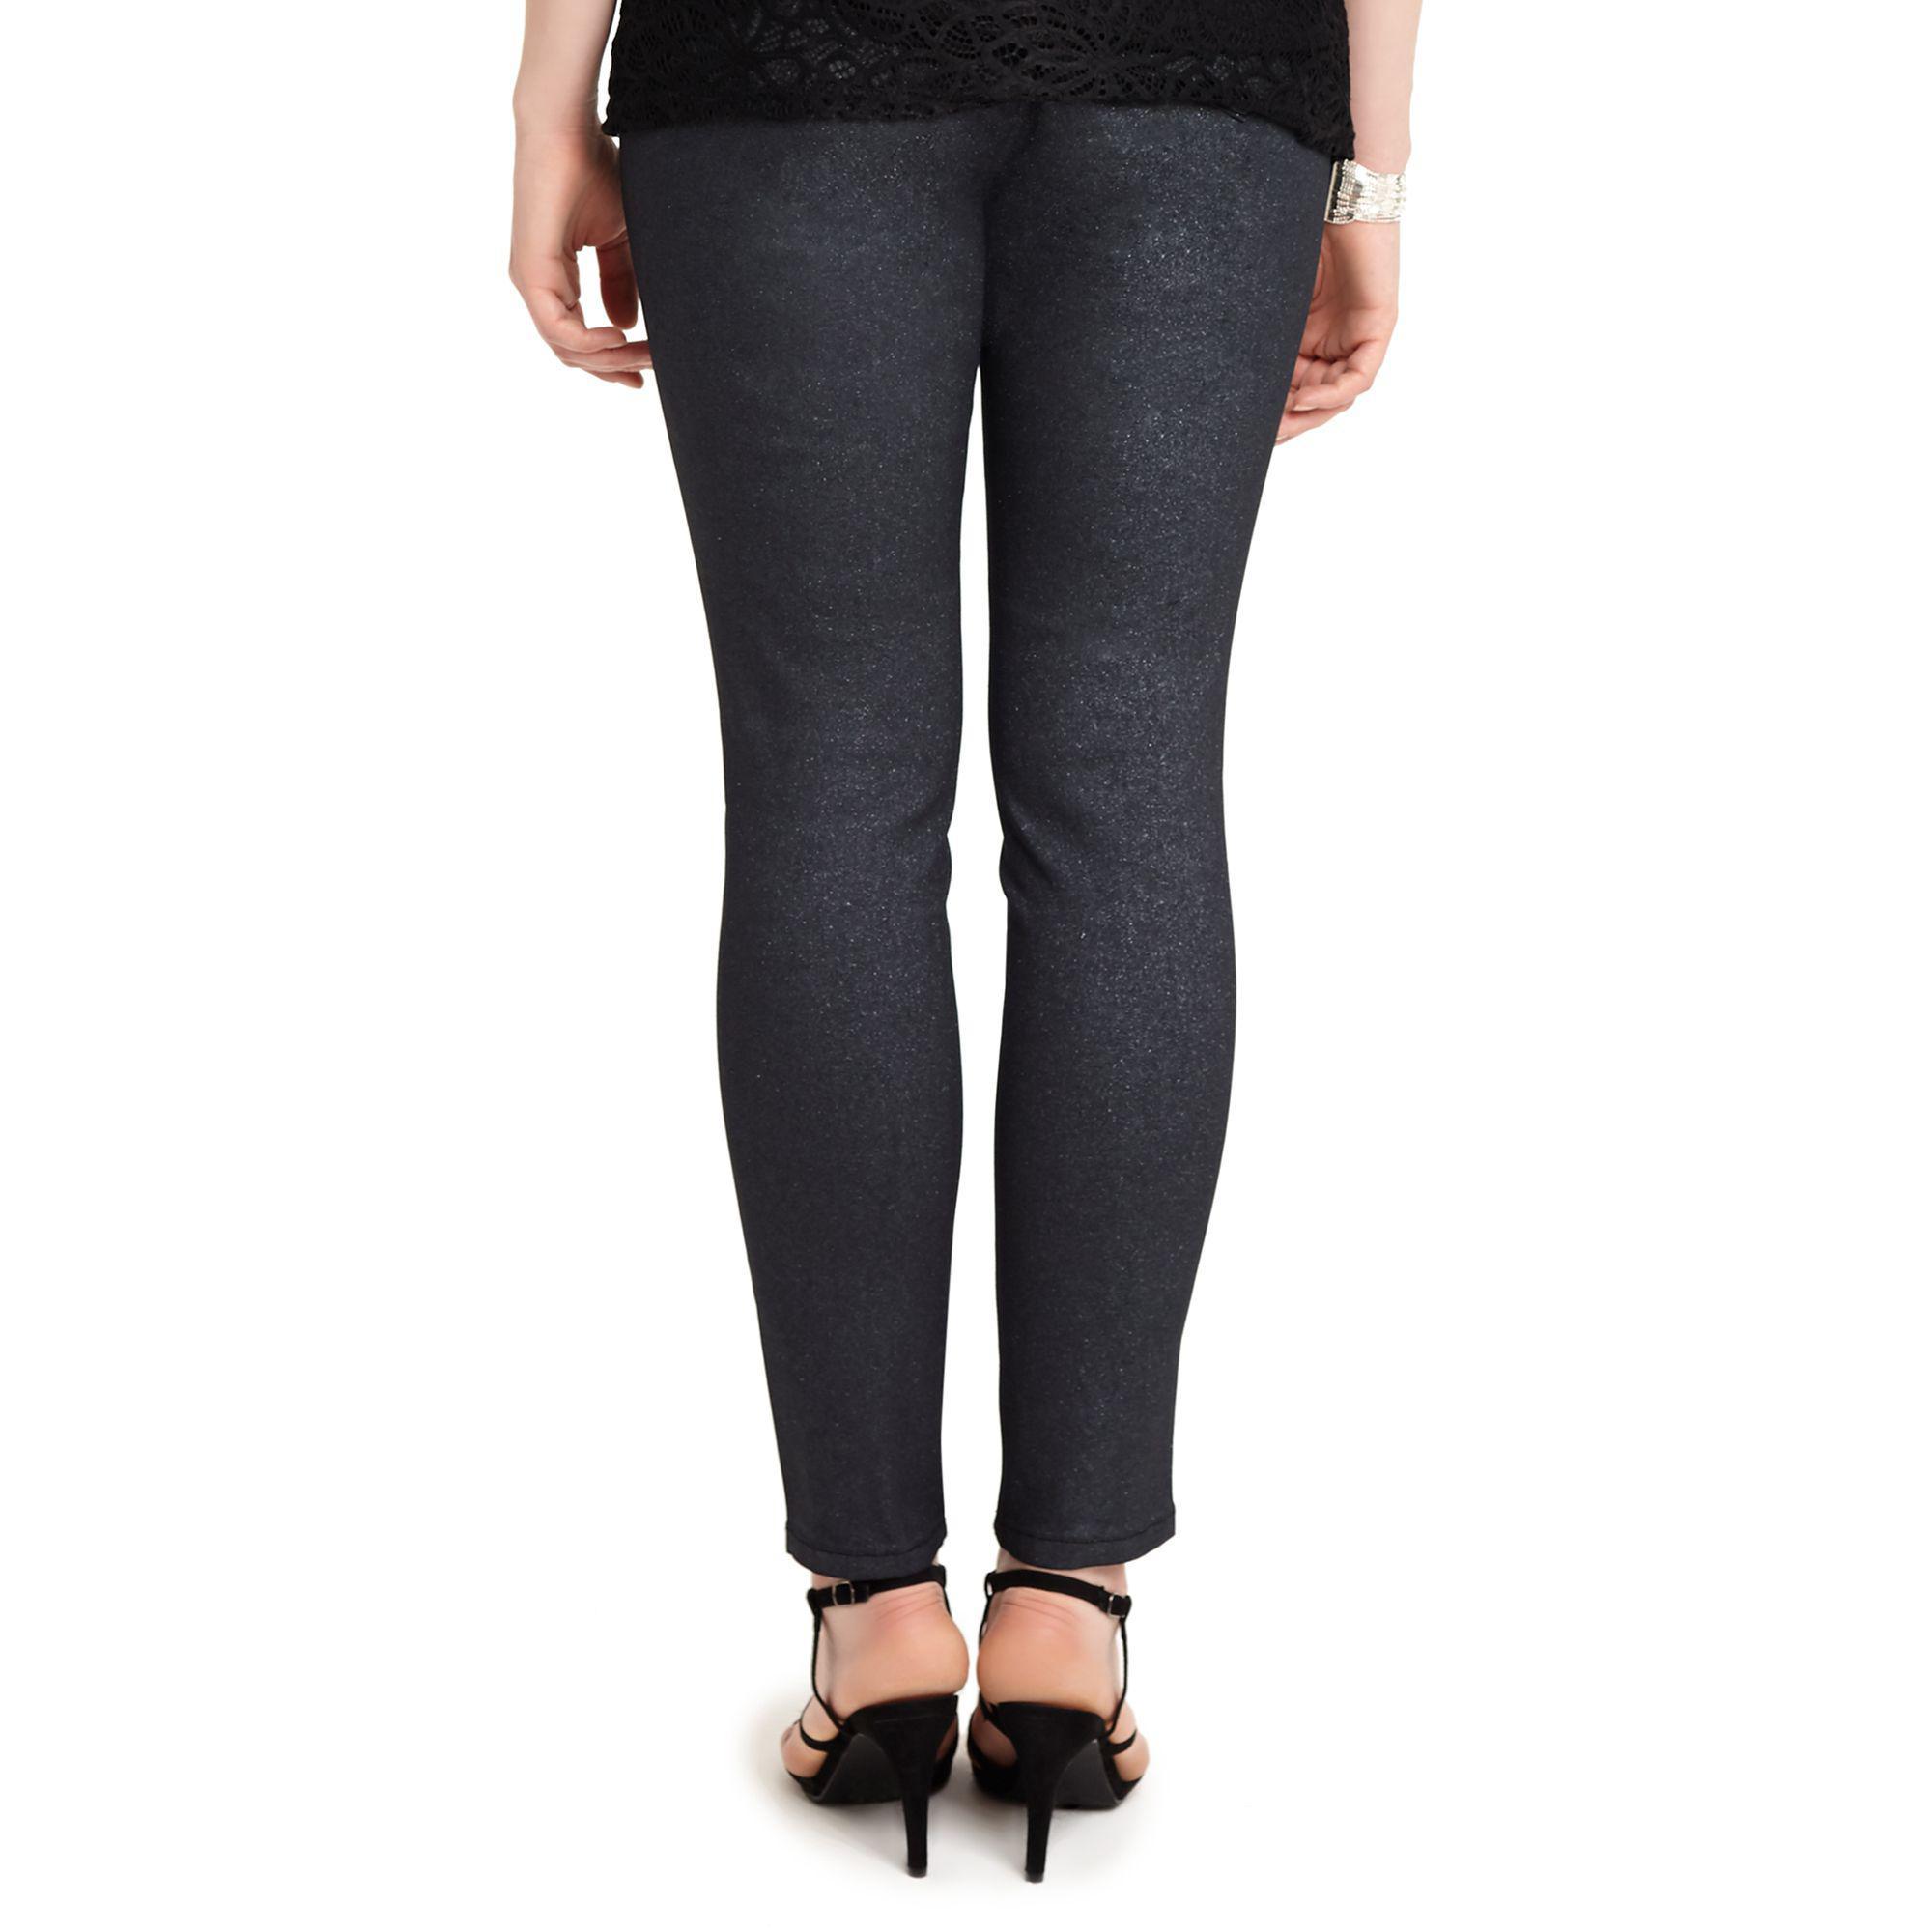 d441f724dfe2c Studio 8 - Sizes 12-26 Black Abbey Glitter Jeans - Lyst. View fullscreen